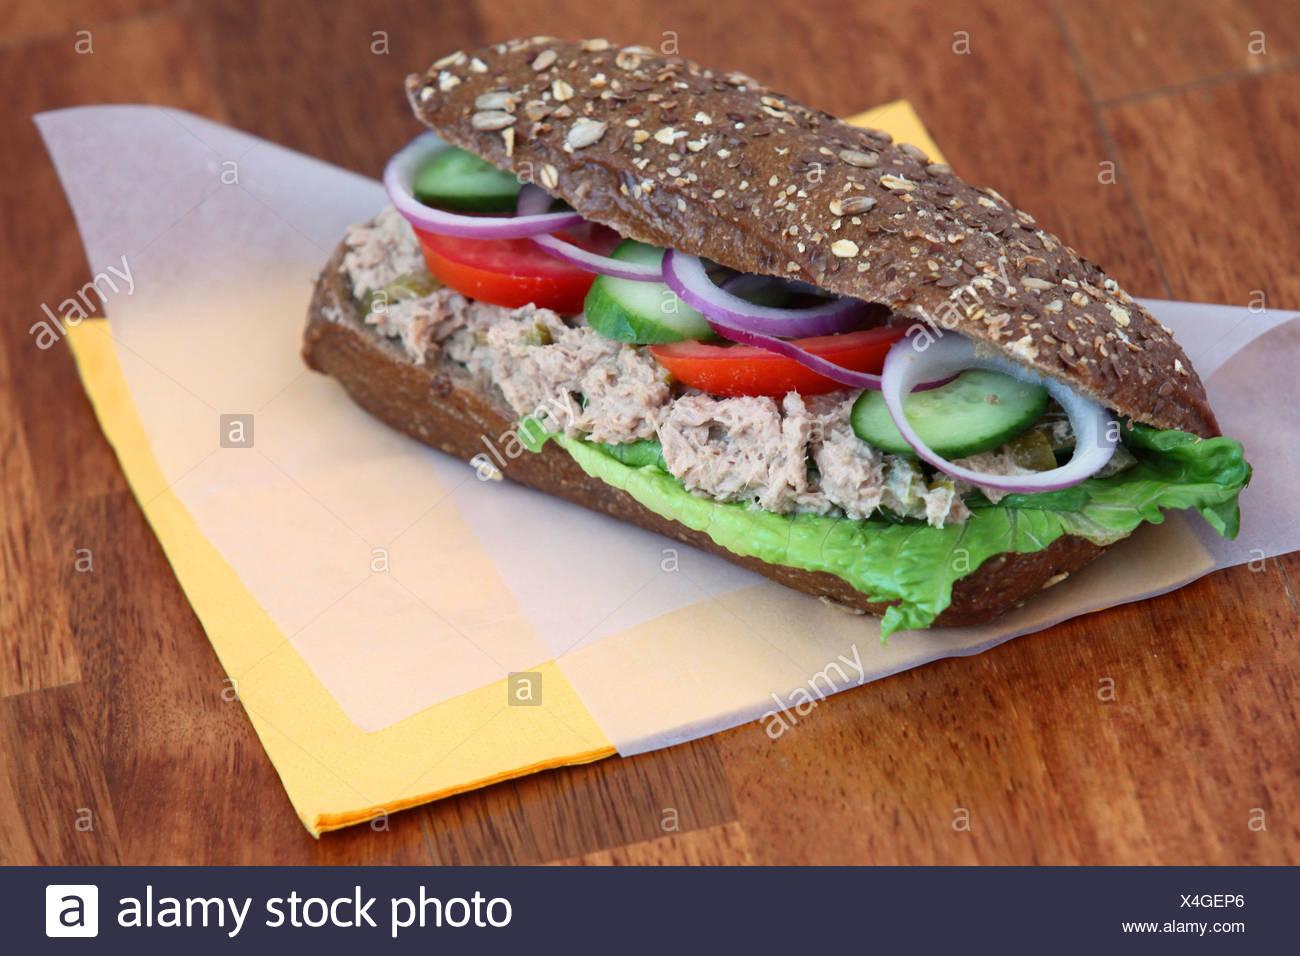 Insalata di tonno sandwich con pomodori e cetrioli Immagini Stock